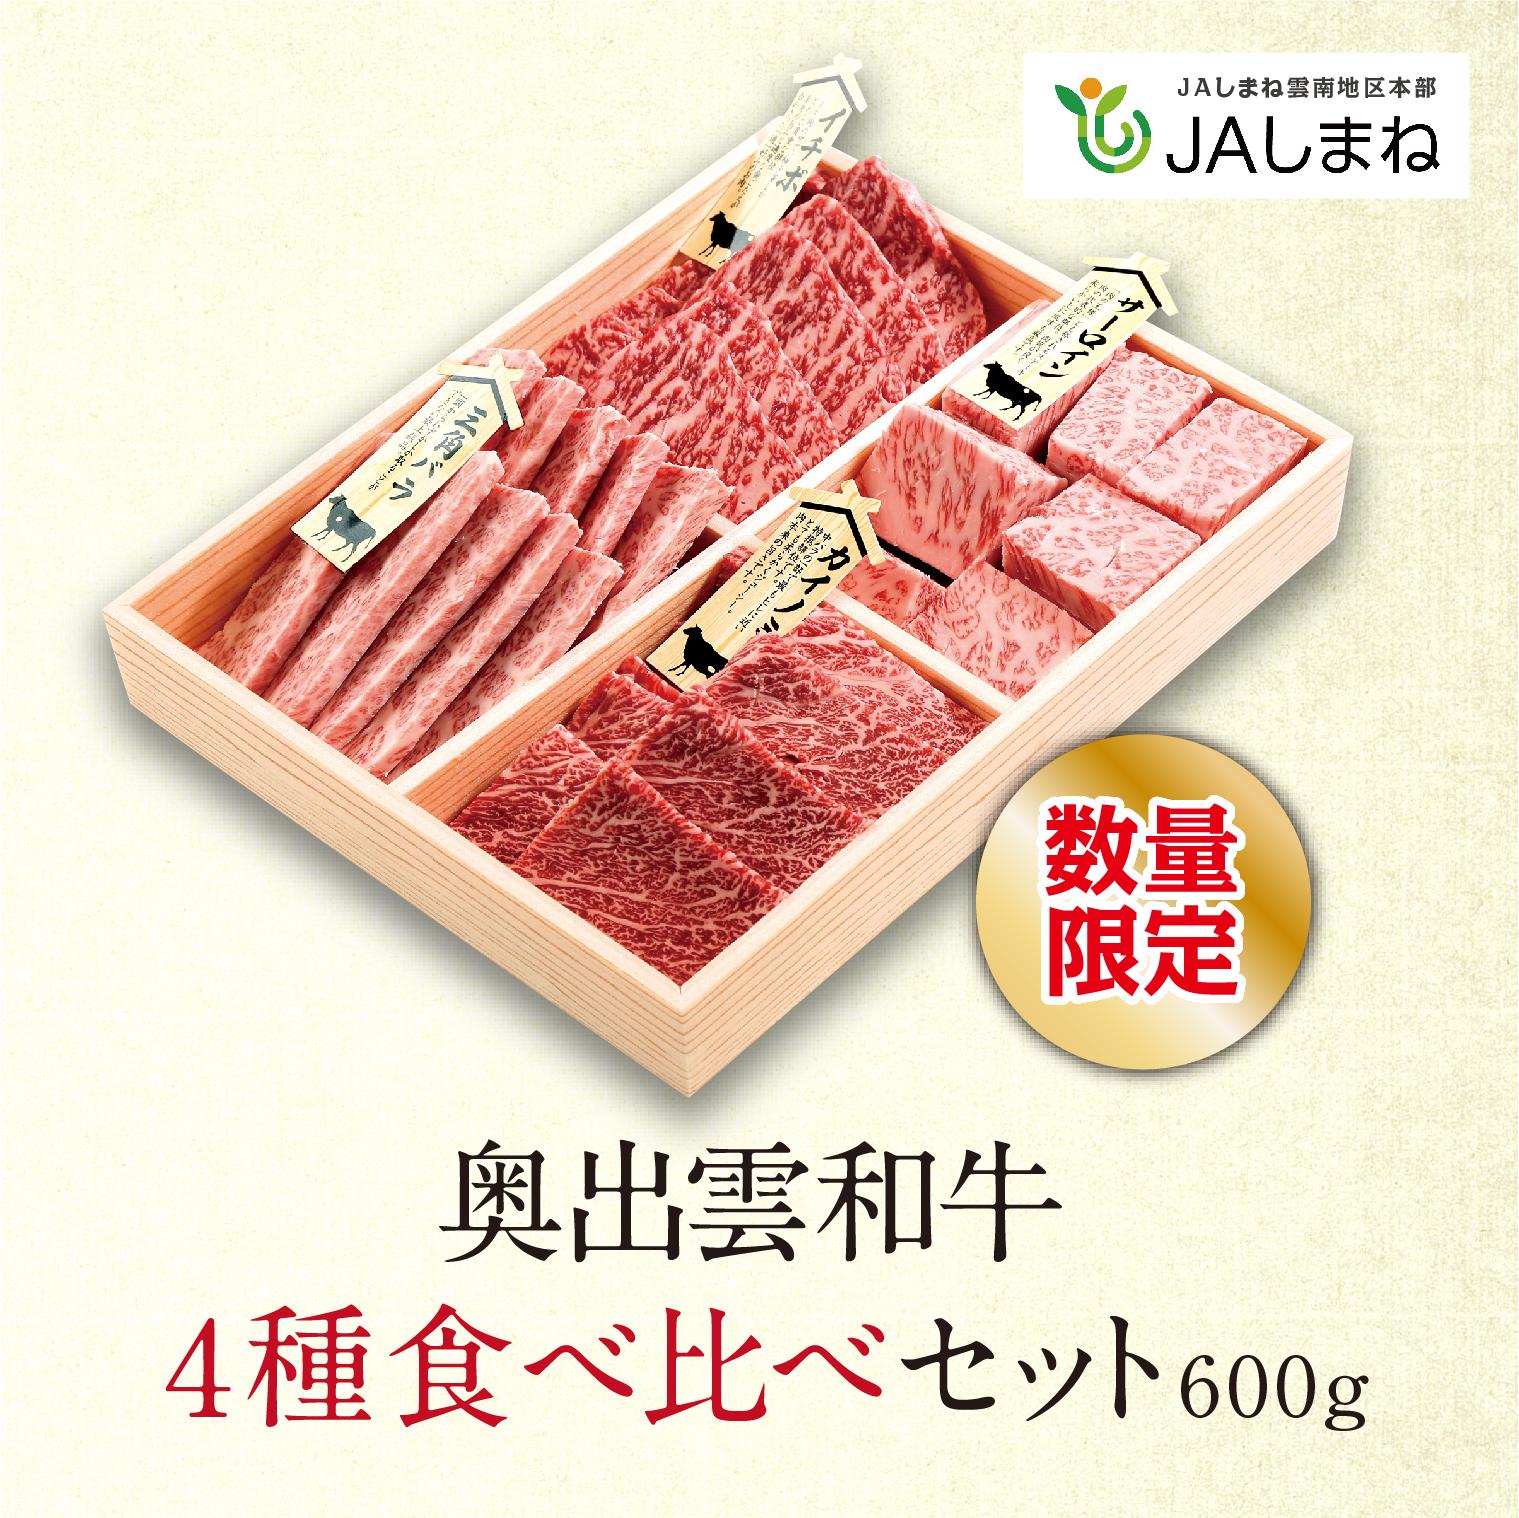 奥出雲和牛4種食べ比べセット画像